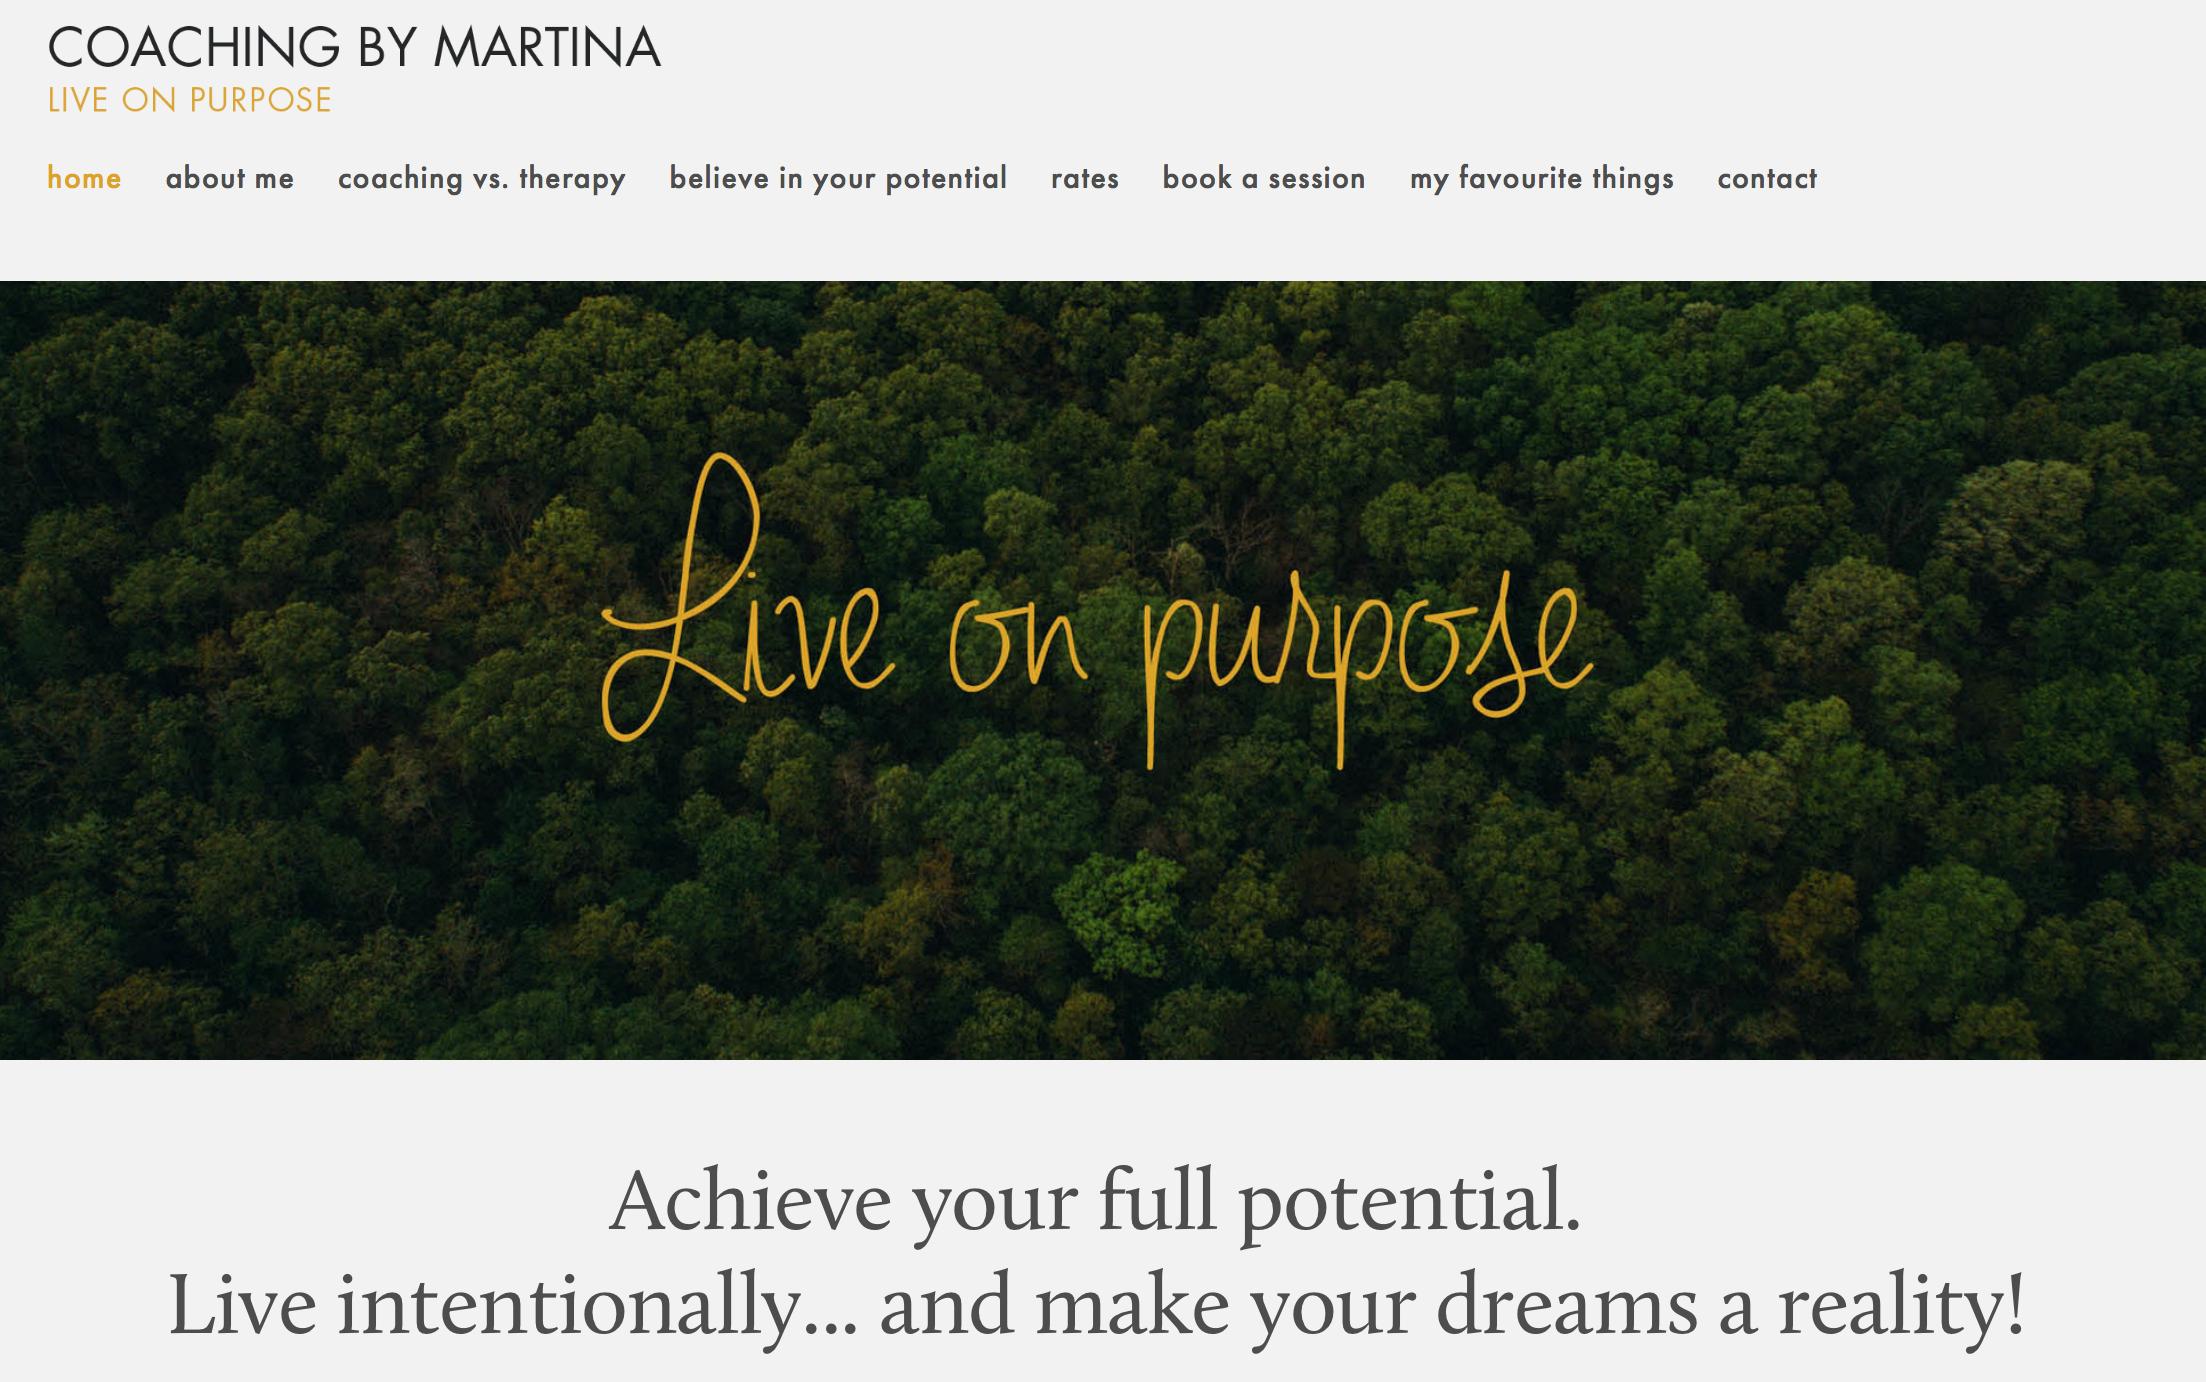 Coaching By Martina (www.coachingbymartina.com)